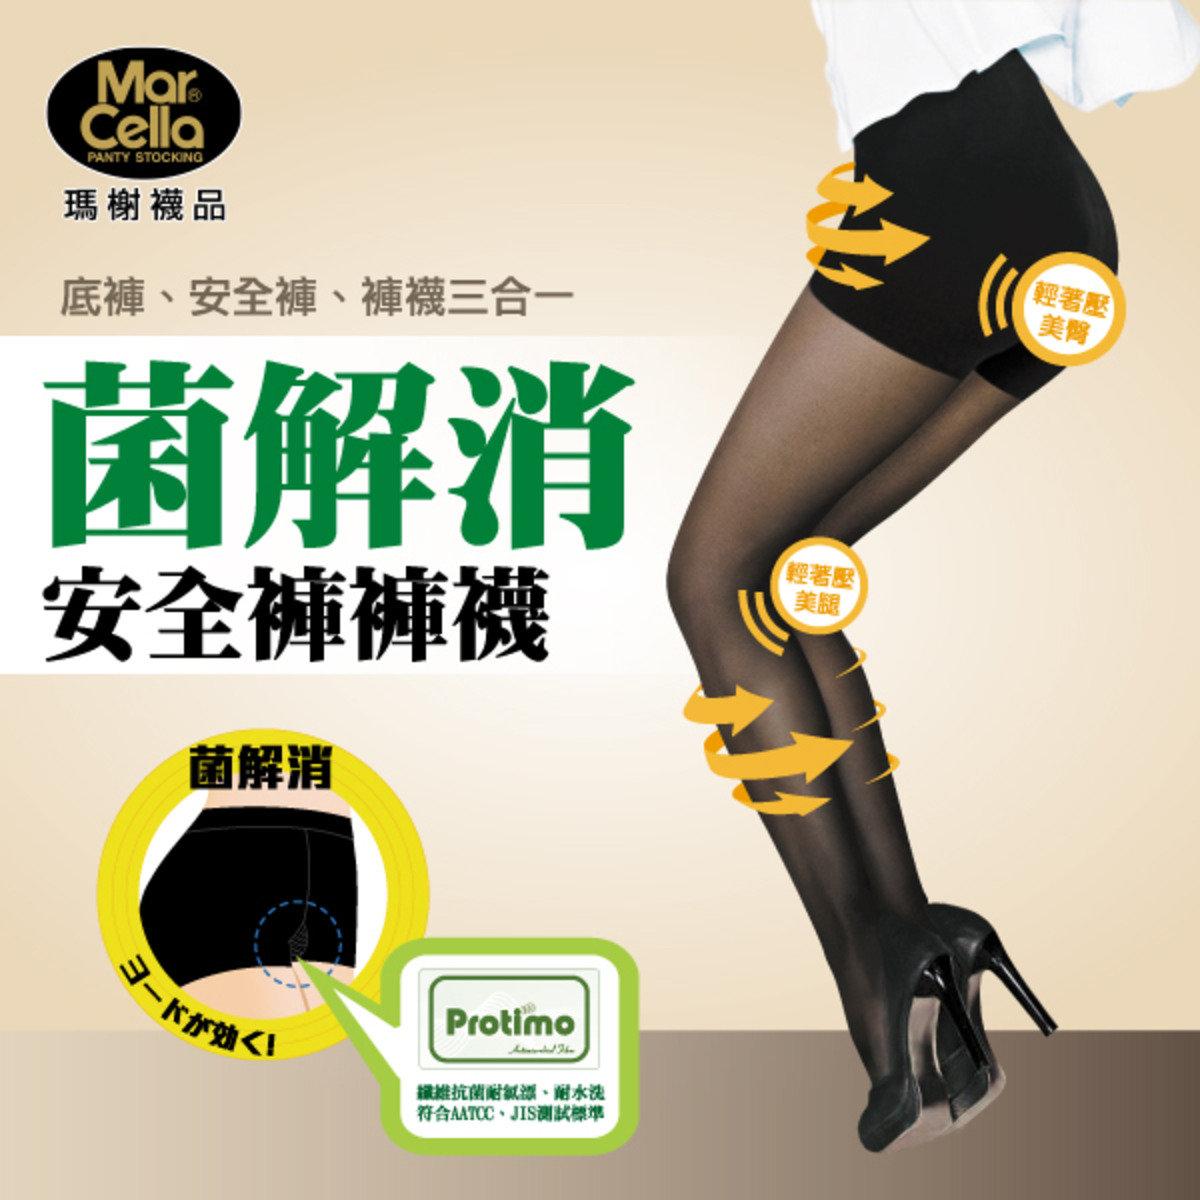 安全褲型褲襪 - 底褲、安全褲、褲襪三合一 (黑色)